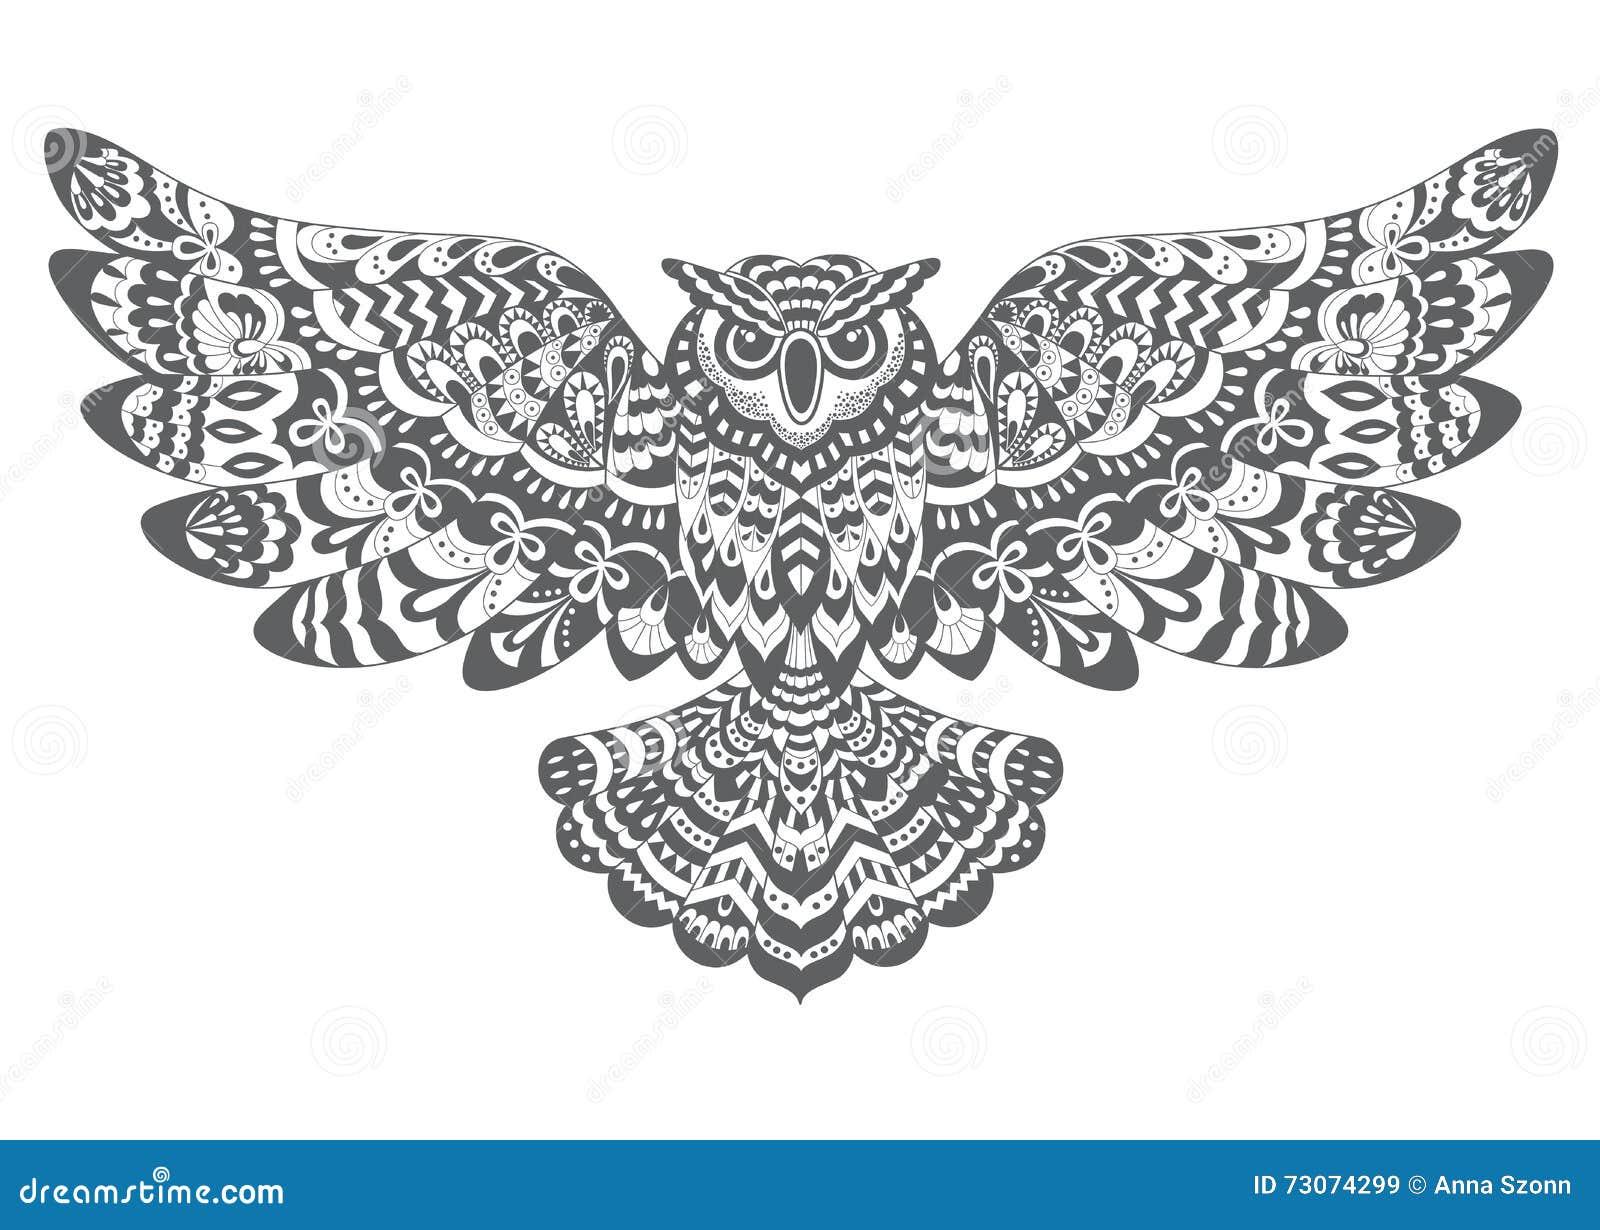 Hibou d coratif stylis de vecteur dessin pour livre de coloriage illustration de vecteur - Coloriage de hibou ...